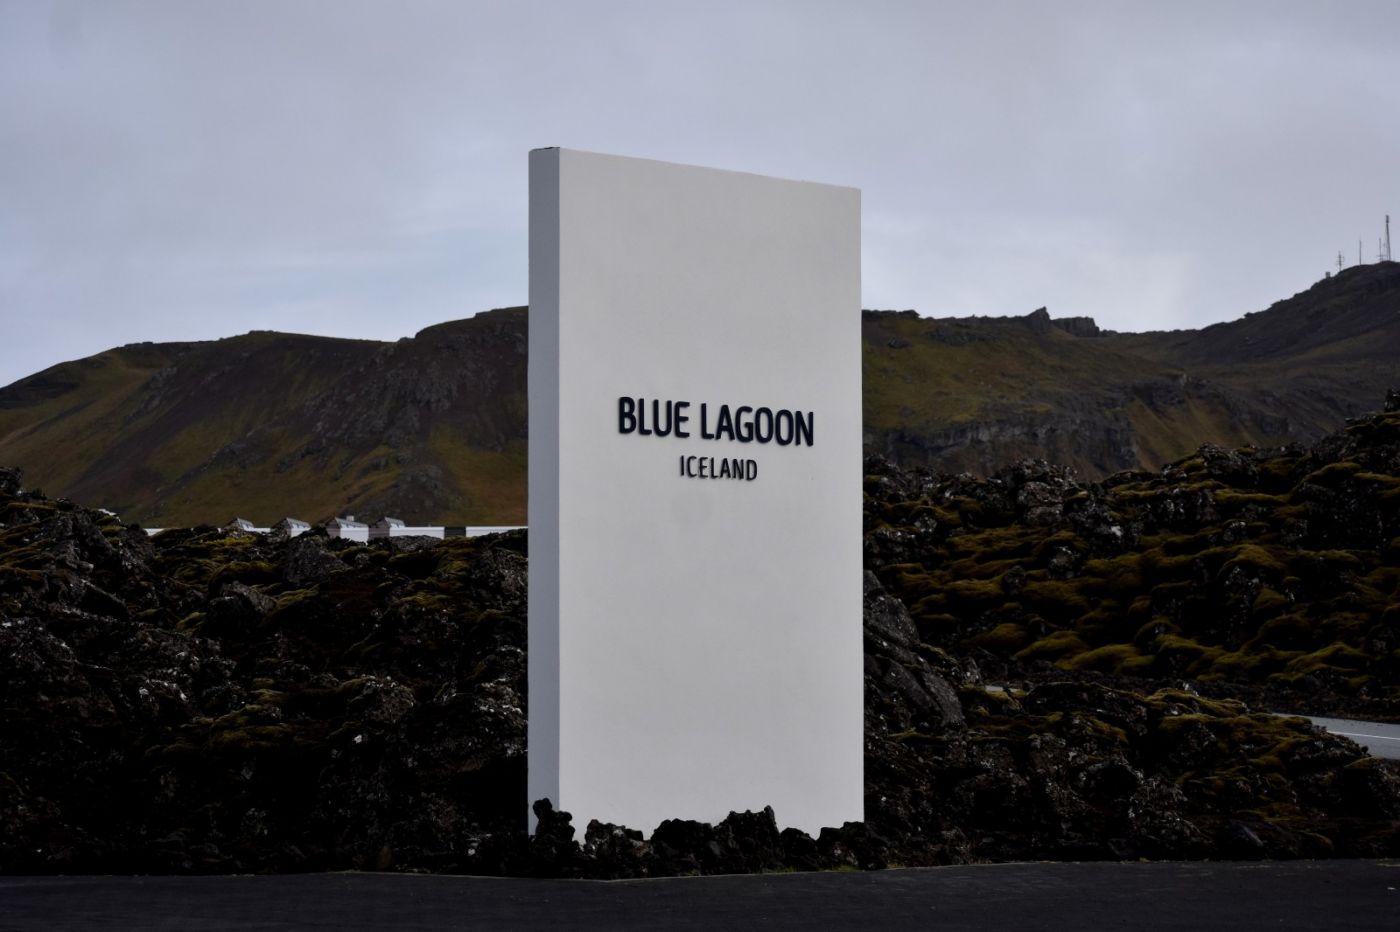 冰岛蓝湖温泉和苔原_图1-25